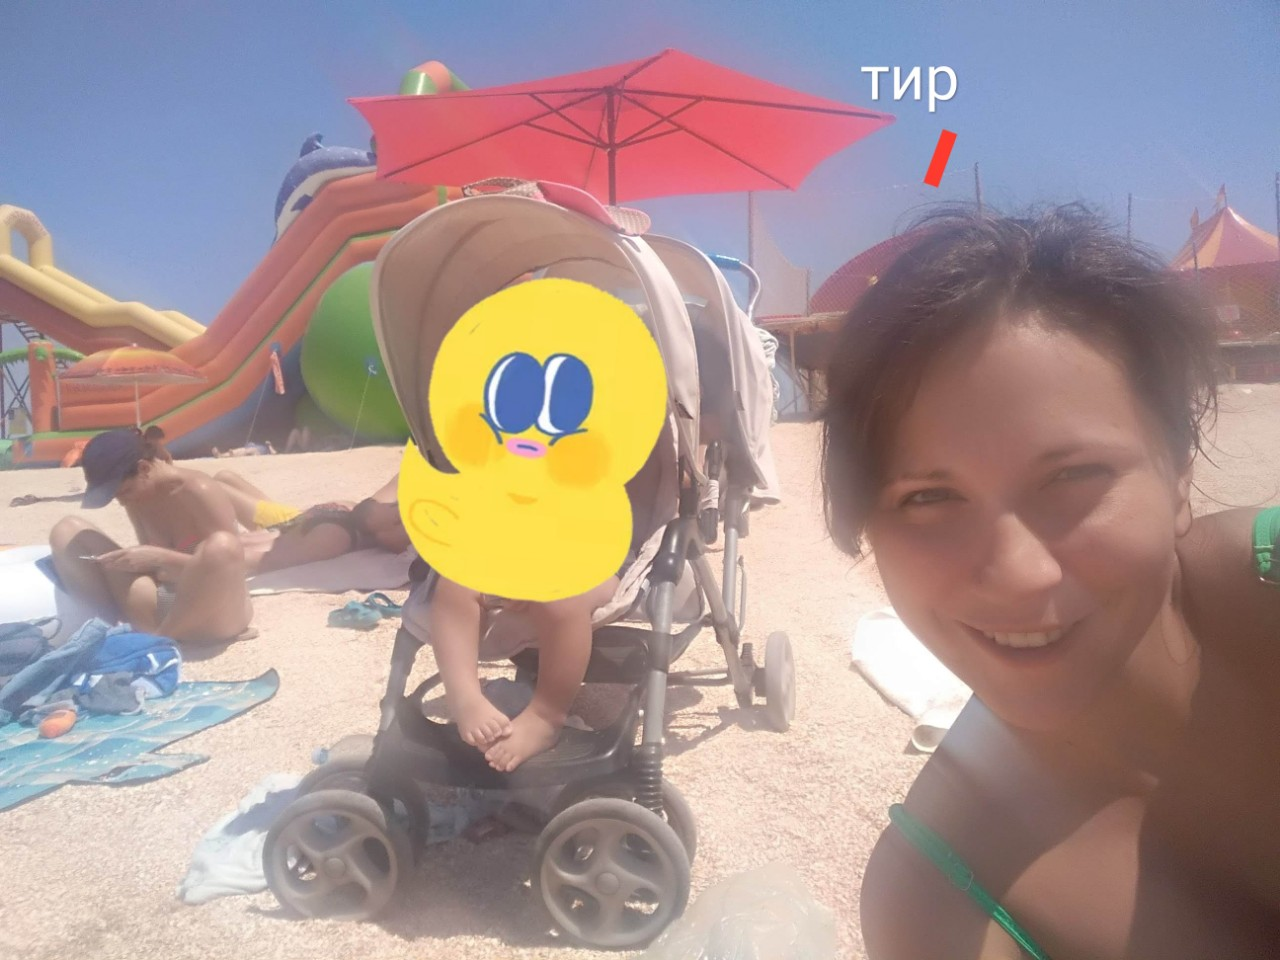 Тир на пляжі спричинив інвалідність молодій матері троїх дітей